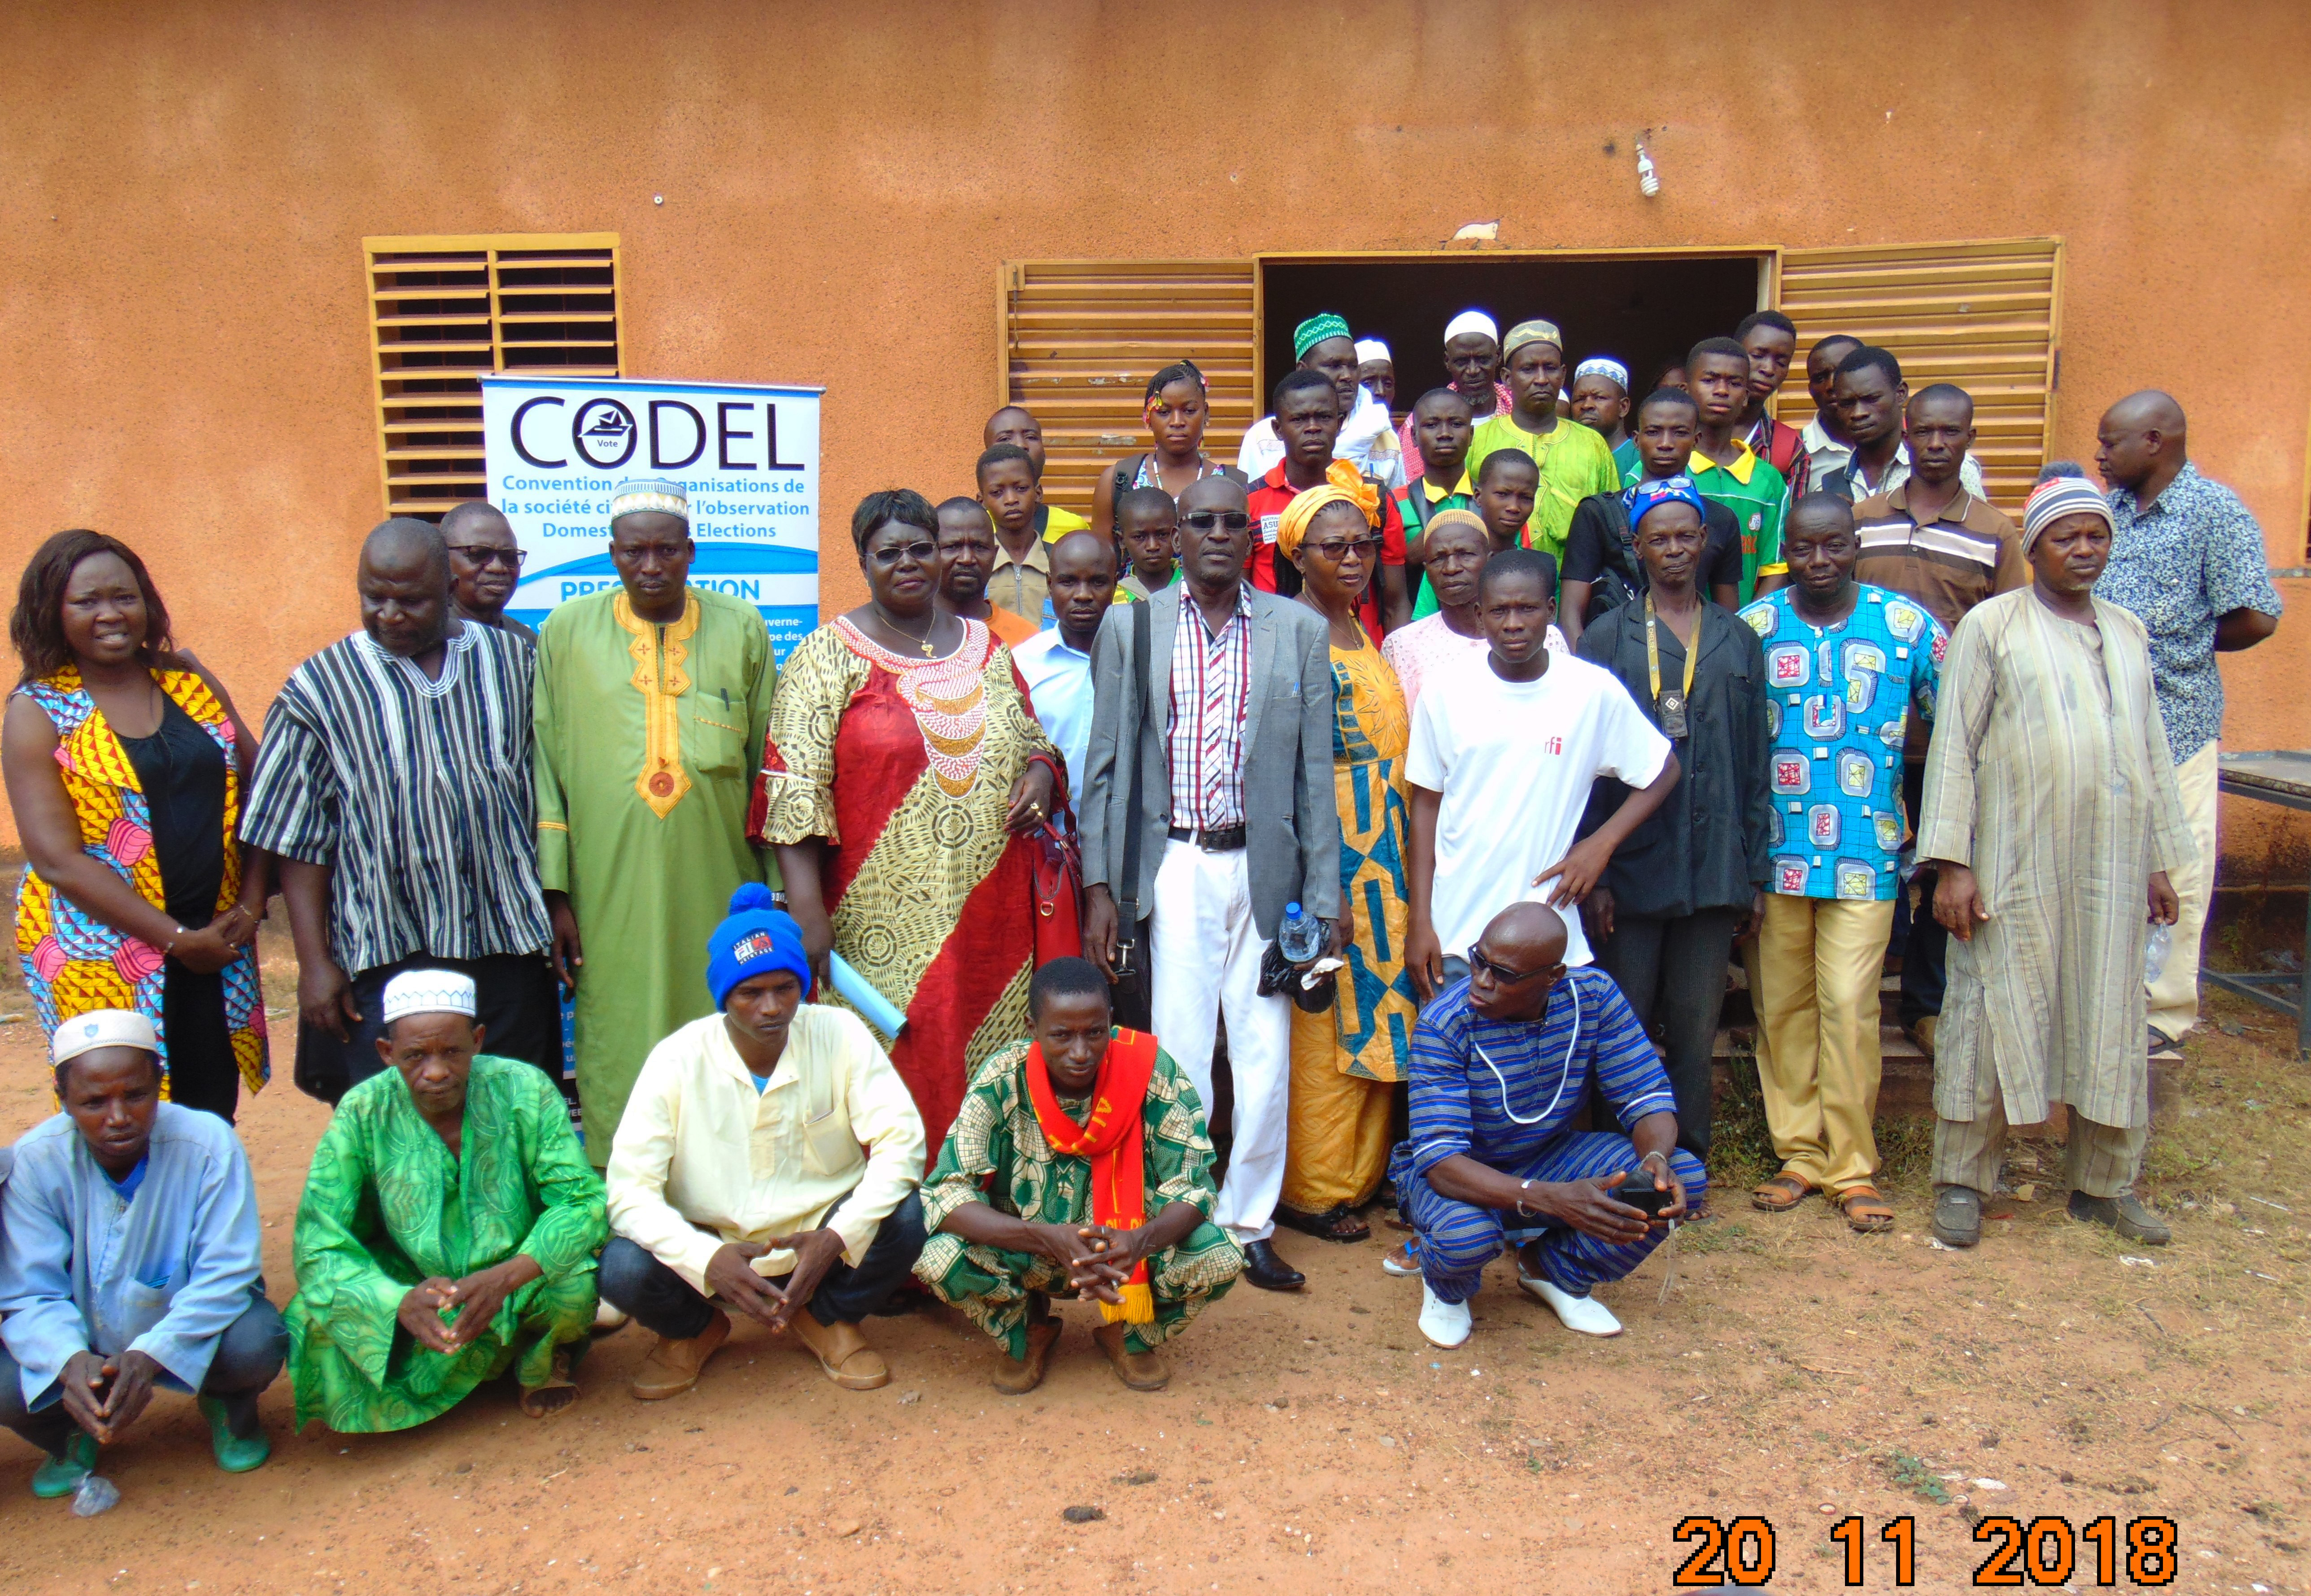 La question du foncier, problématique et solutions : La CODEL dans les régions pour un suivi citoyen